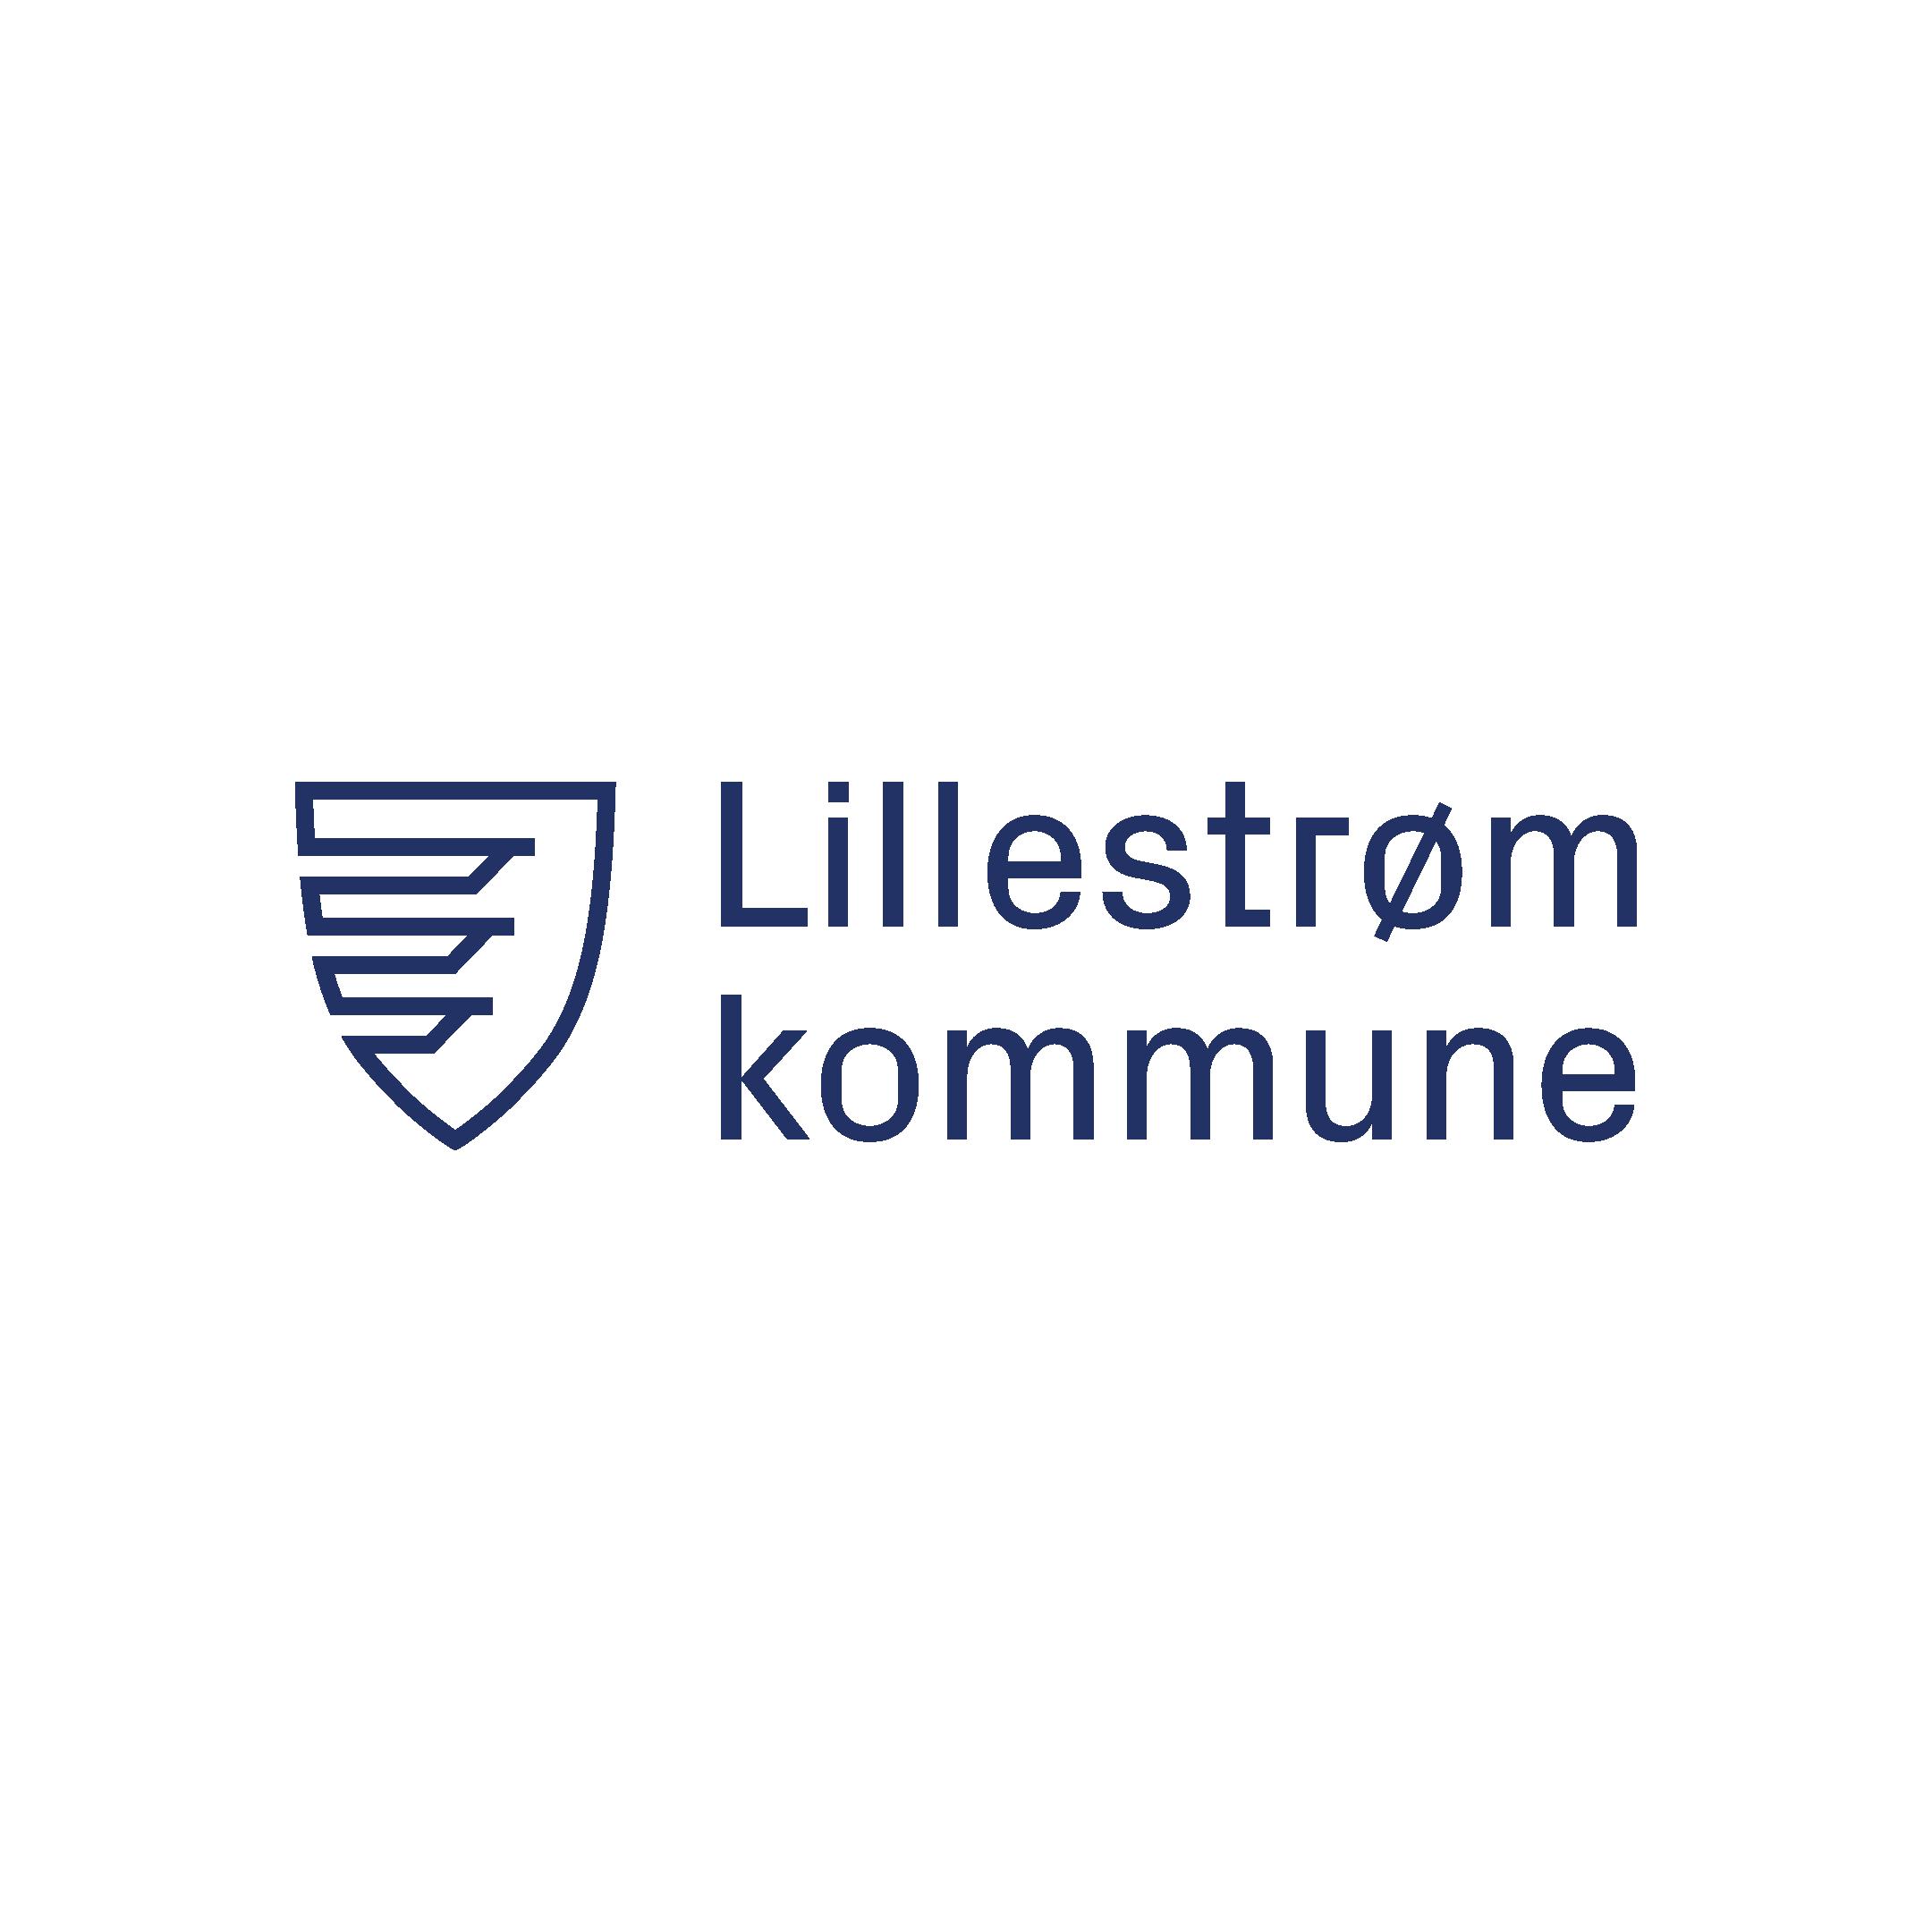 logo til Lillestrøm kommune